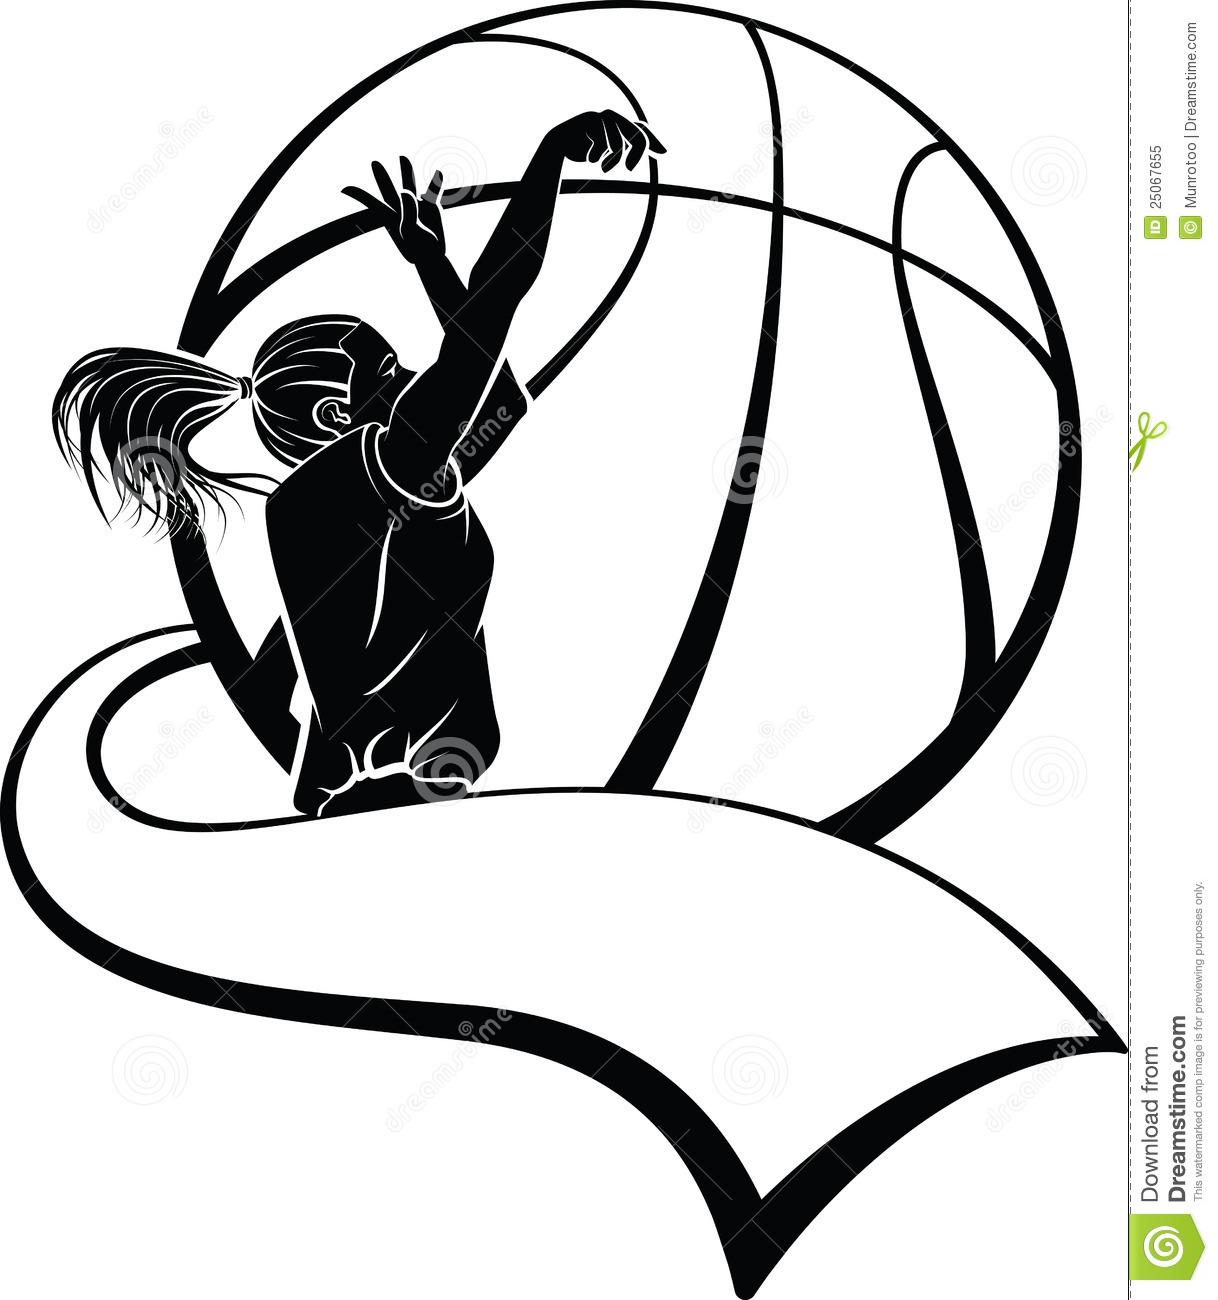 basketball player shooting clipart